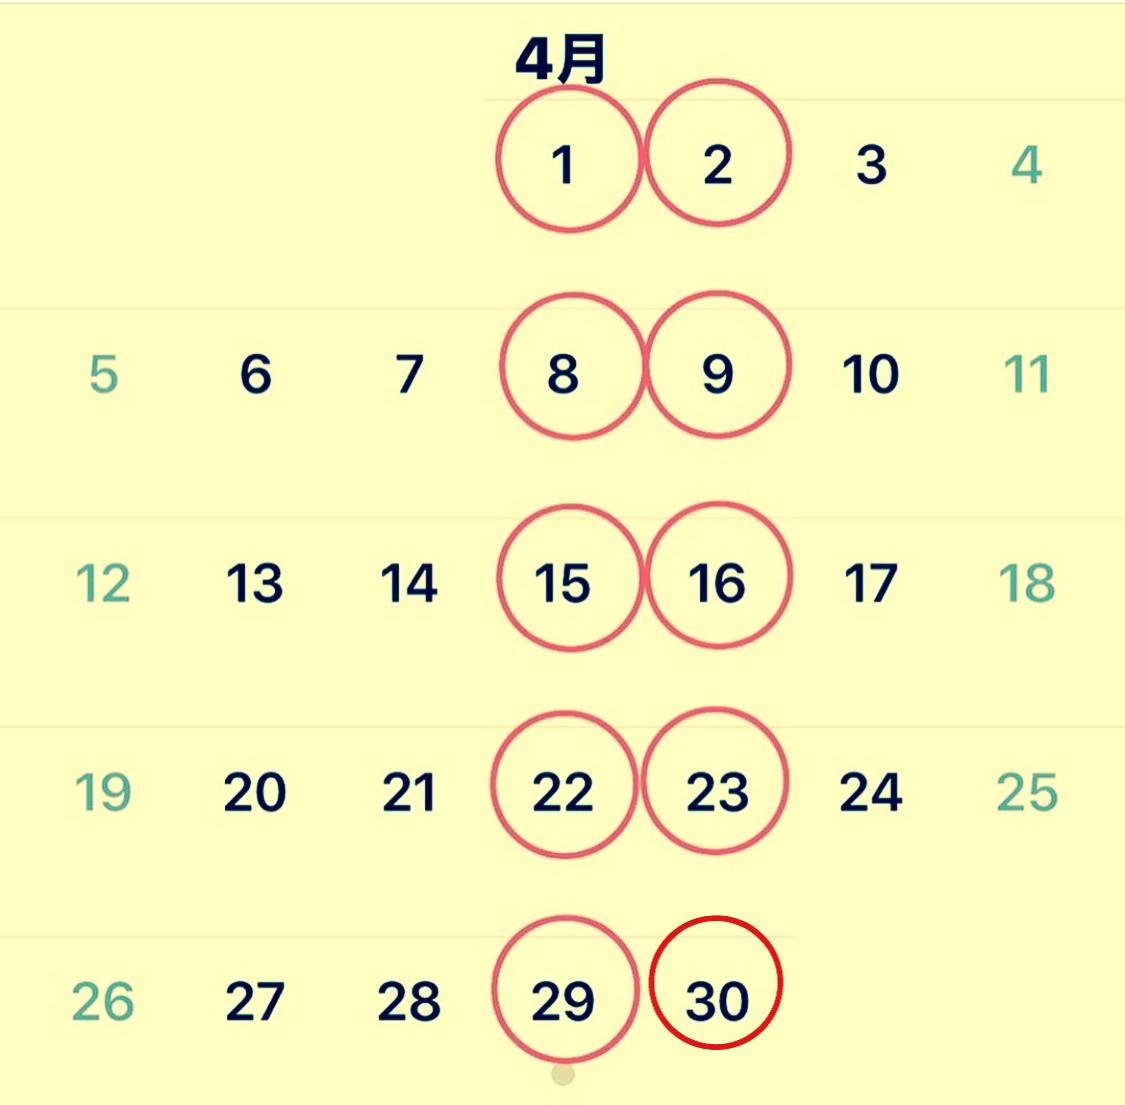 4月2日(木曜日)通販のお客様 どどドーンとお知らせ_f0287094_15392965.jpg